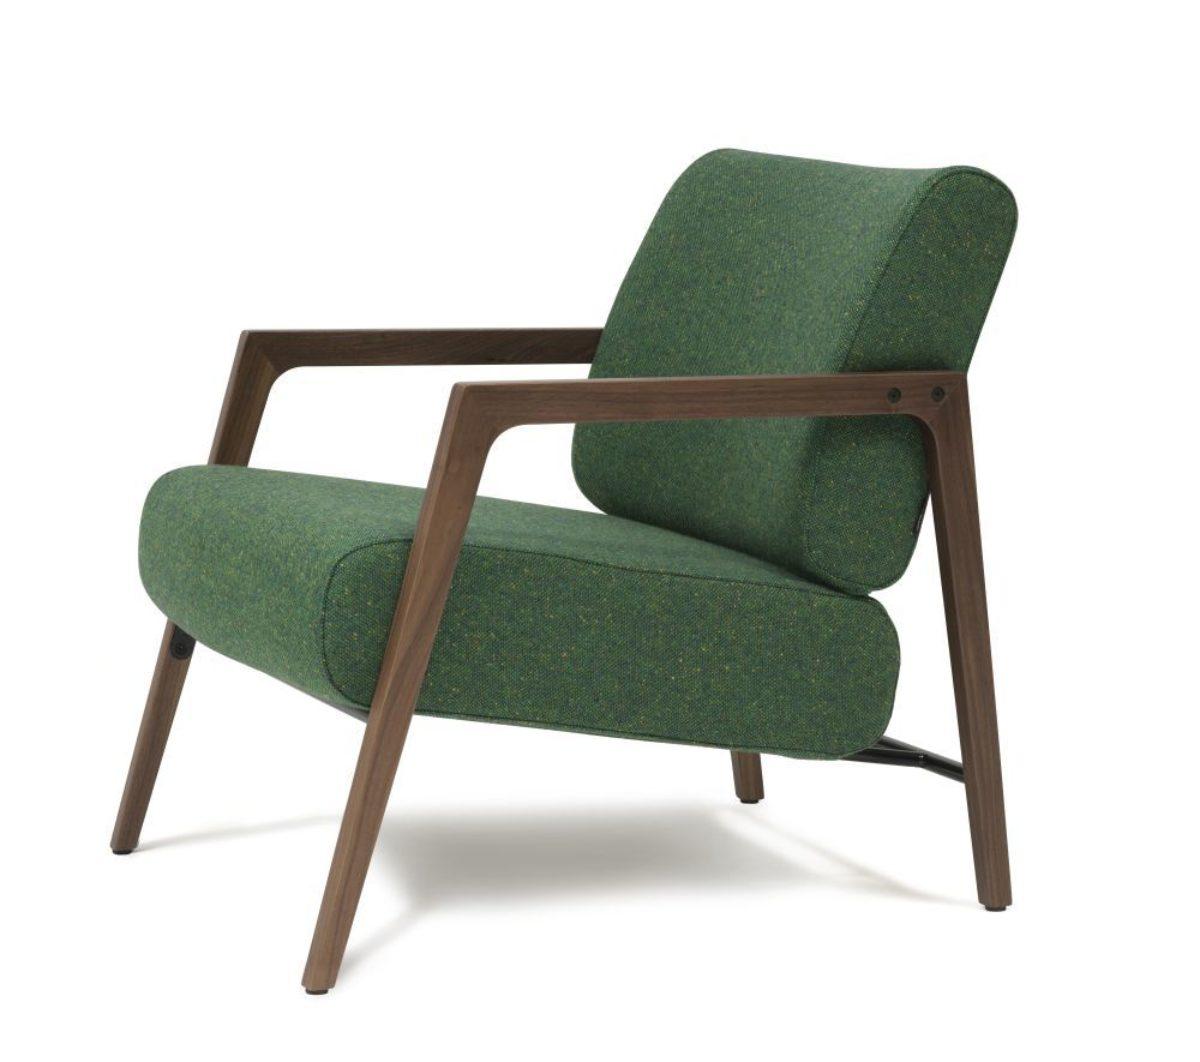 Harvink splinter fauteuil